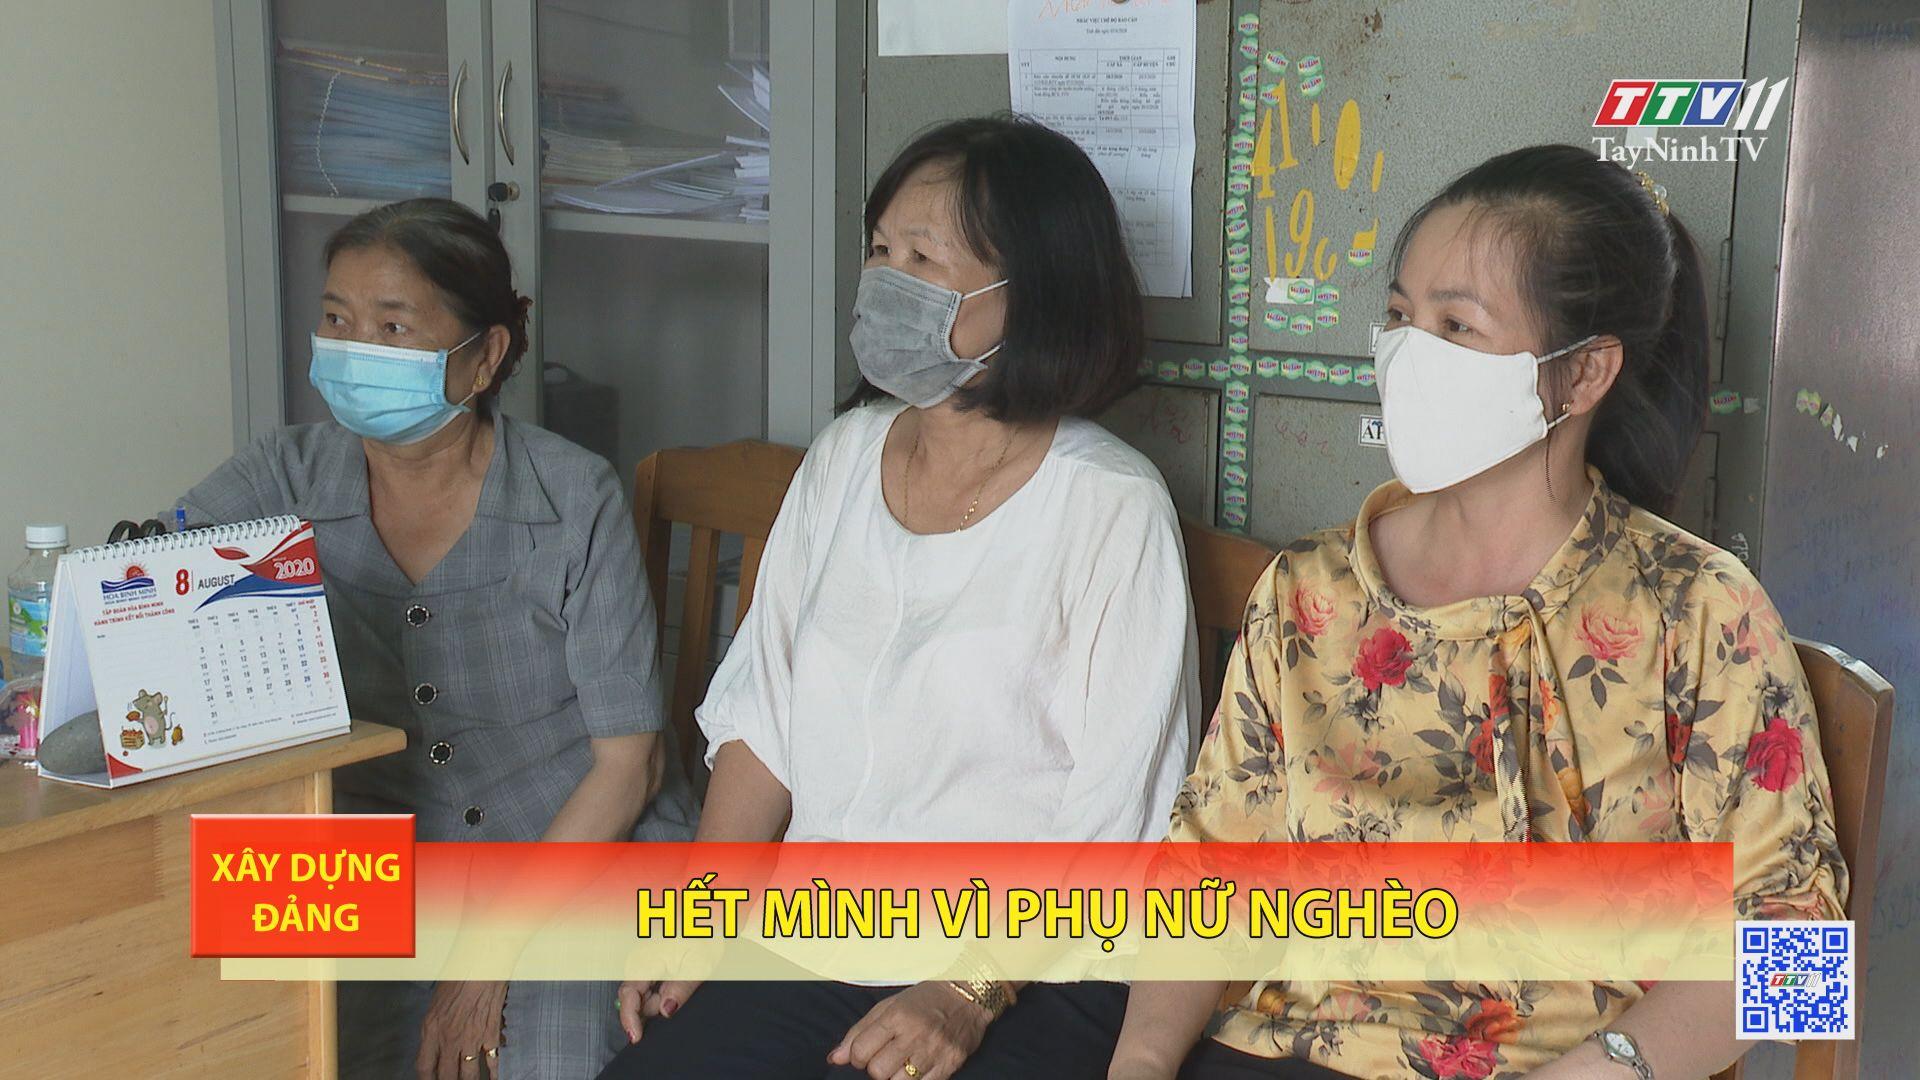 Hết mình vì phụ nữ nghèo | XÂY DỰNG ĐẢNG | TayNinhTV